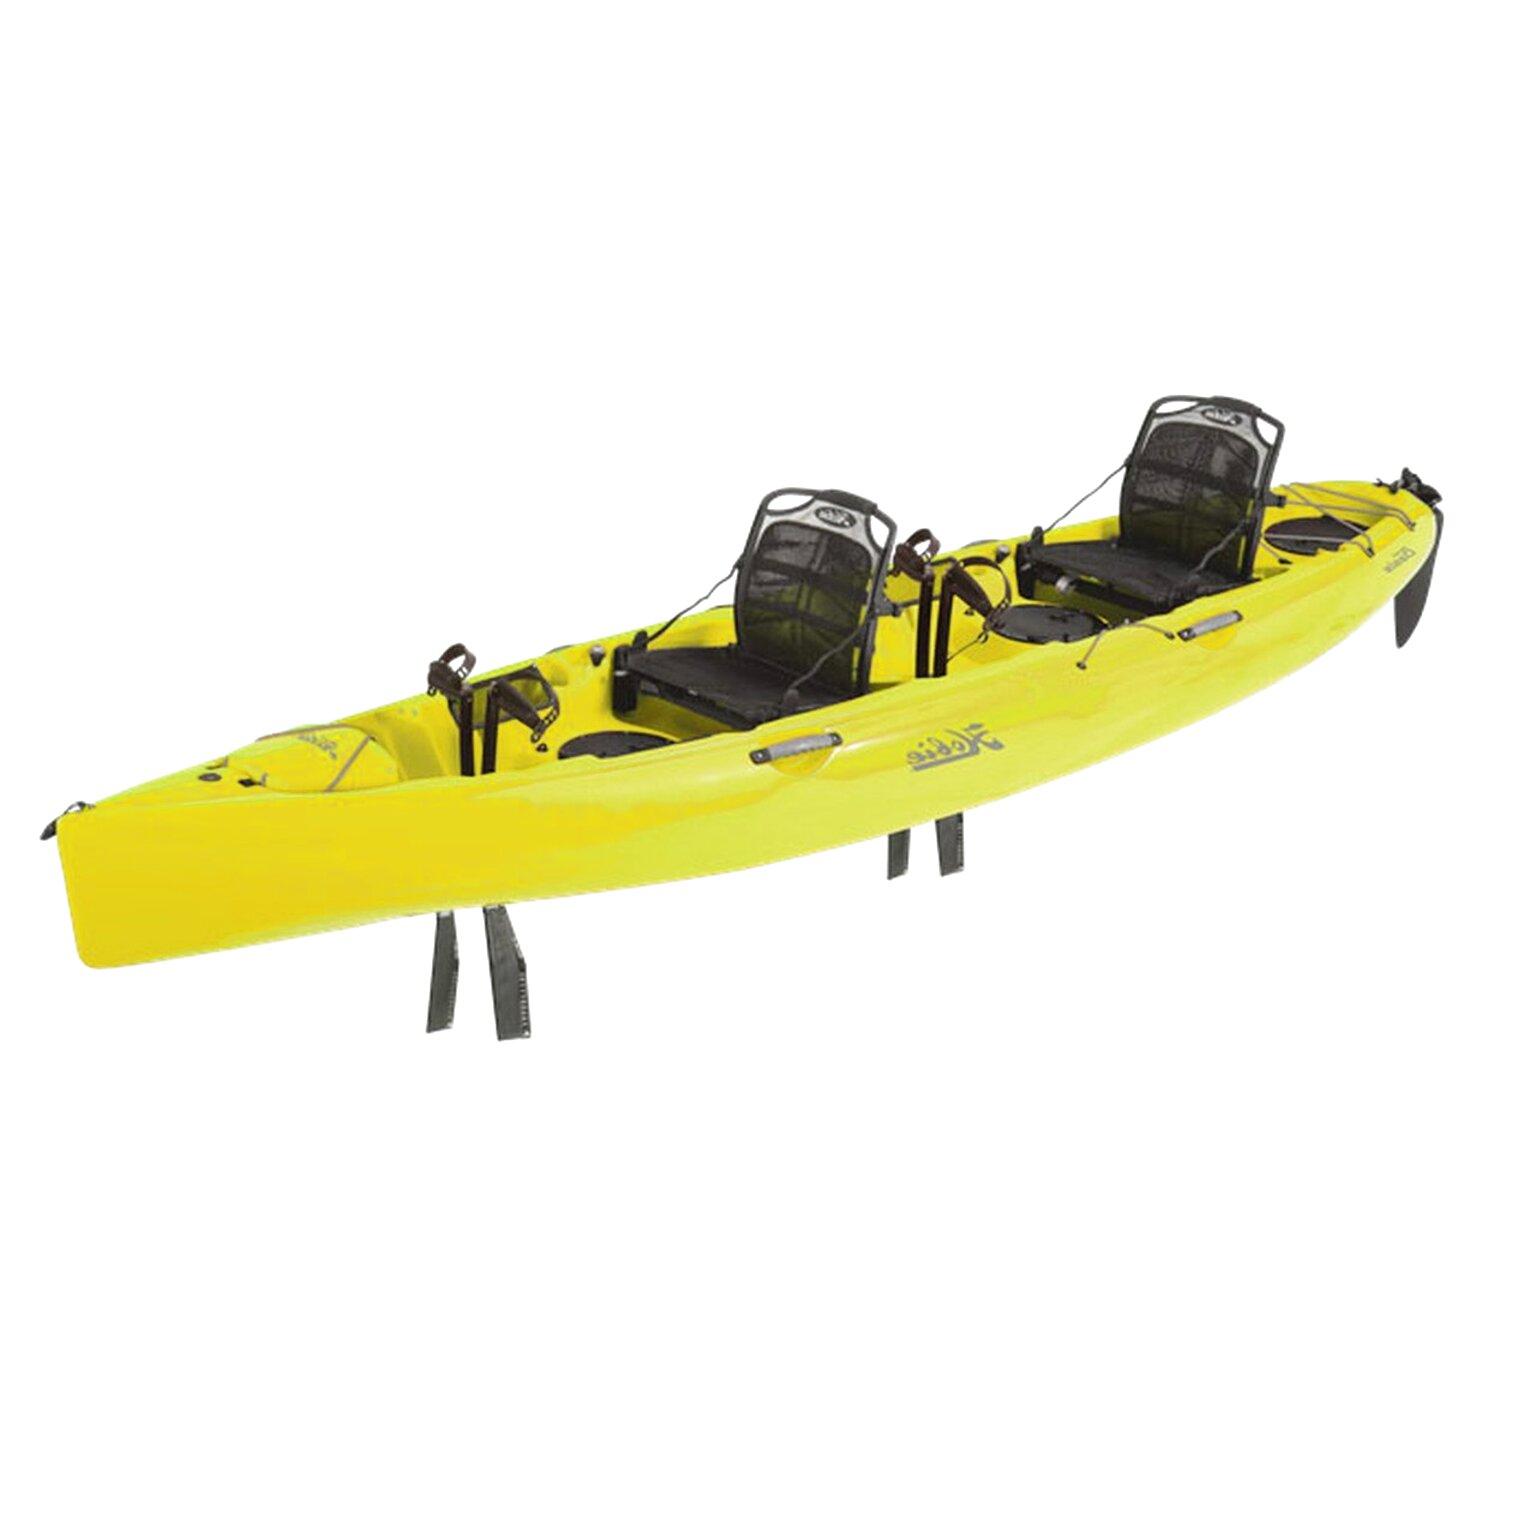 hobie kayak for sale